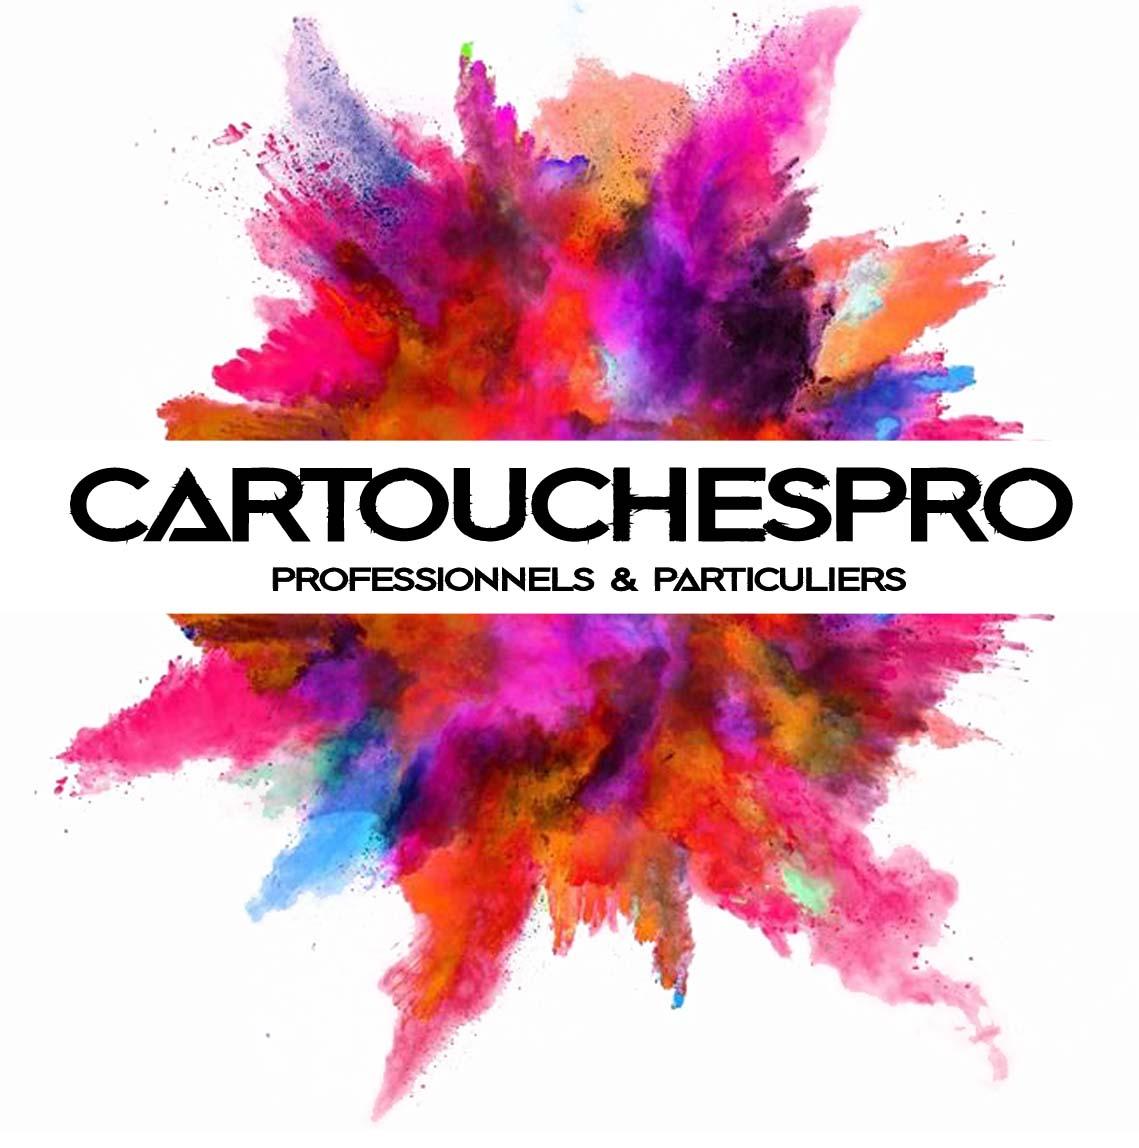 CARTOUCHESPRO